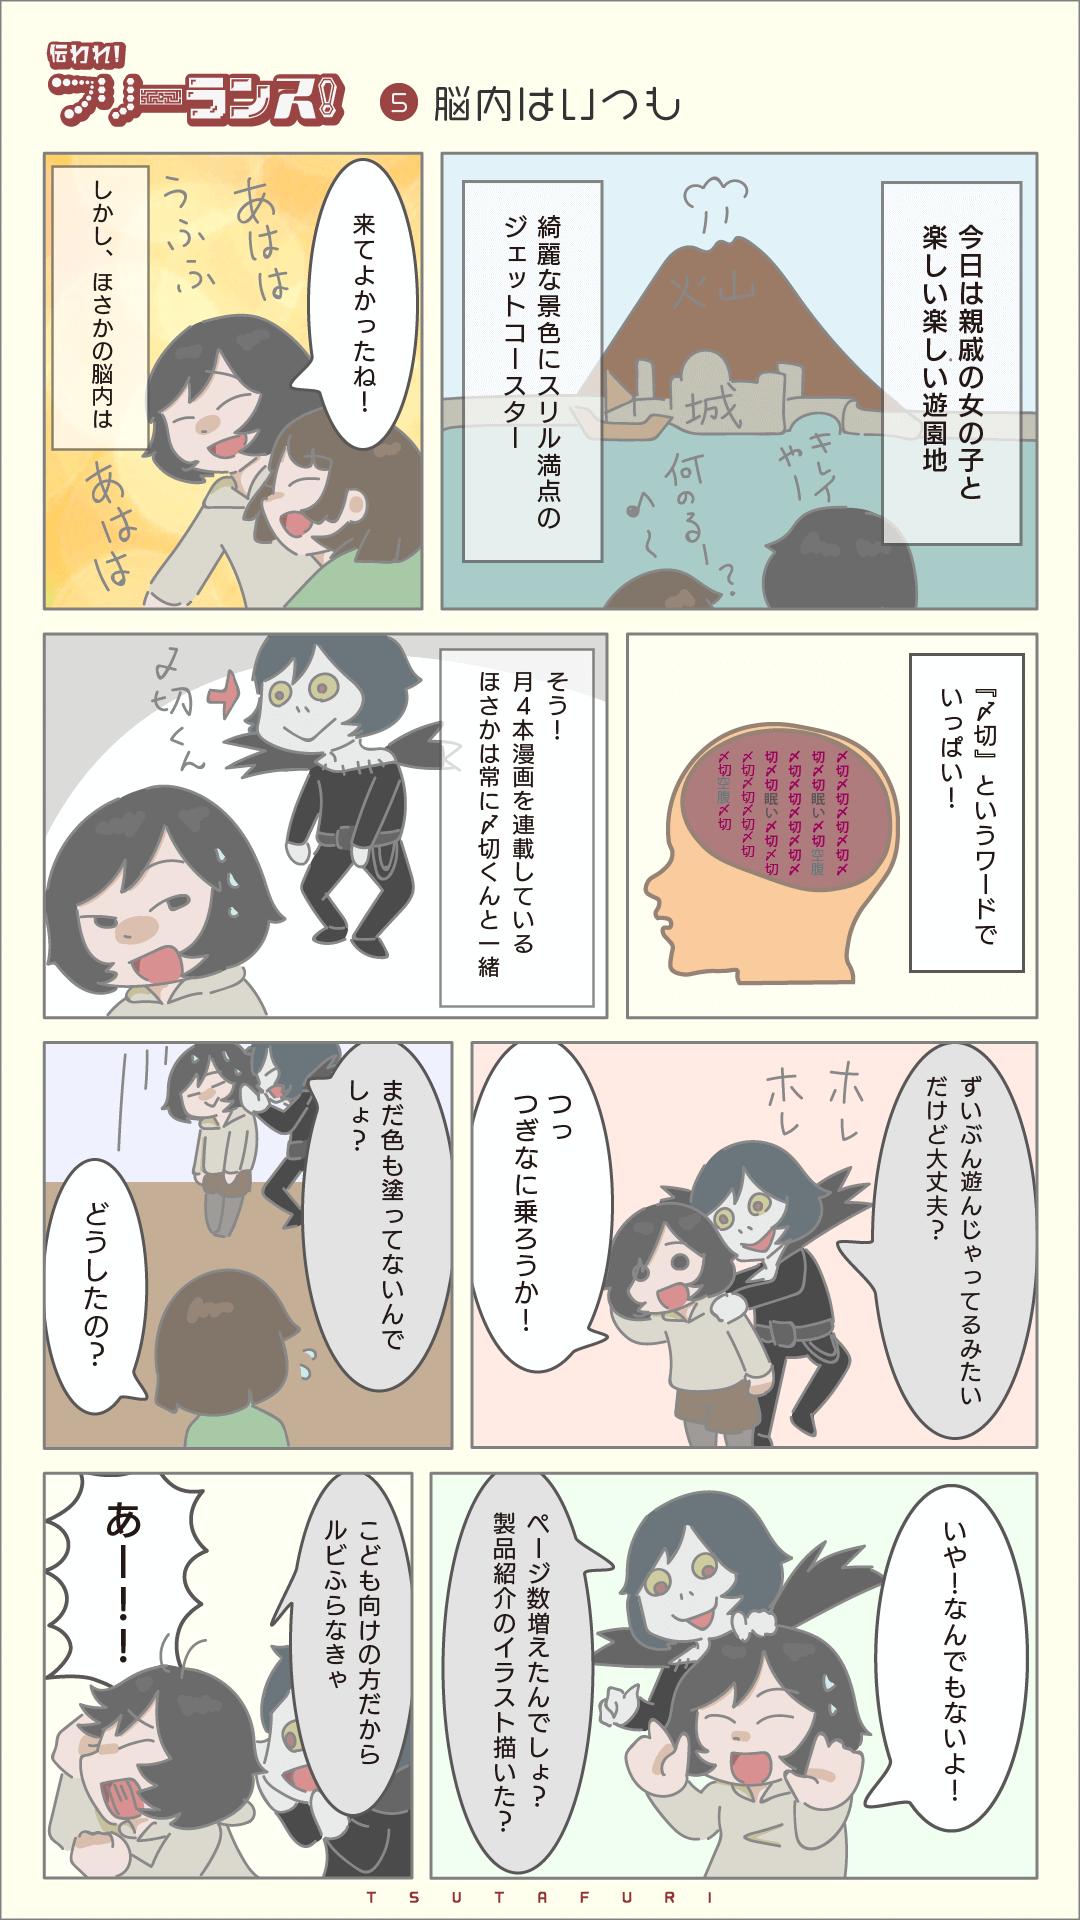 伝われ!フリーランス!05_01